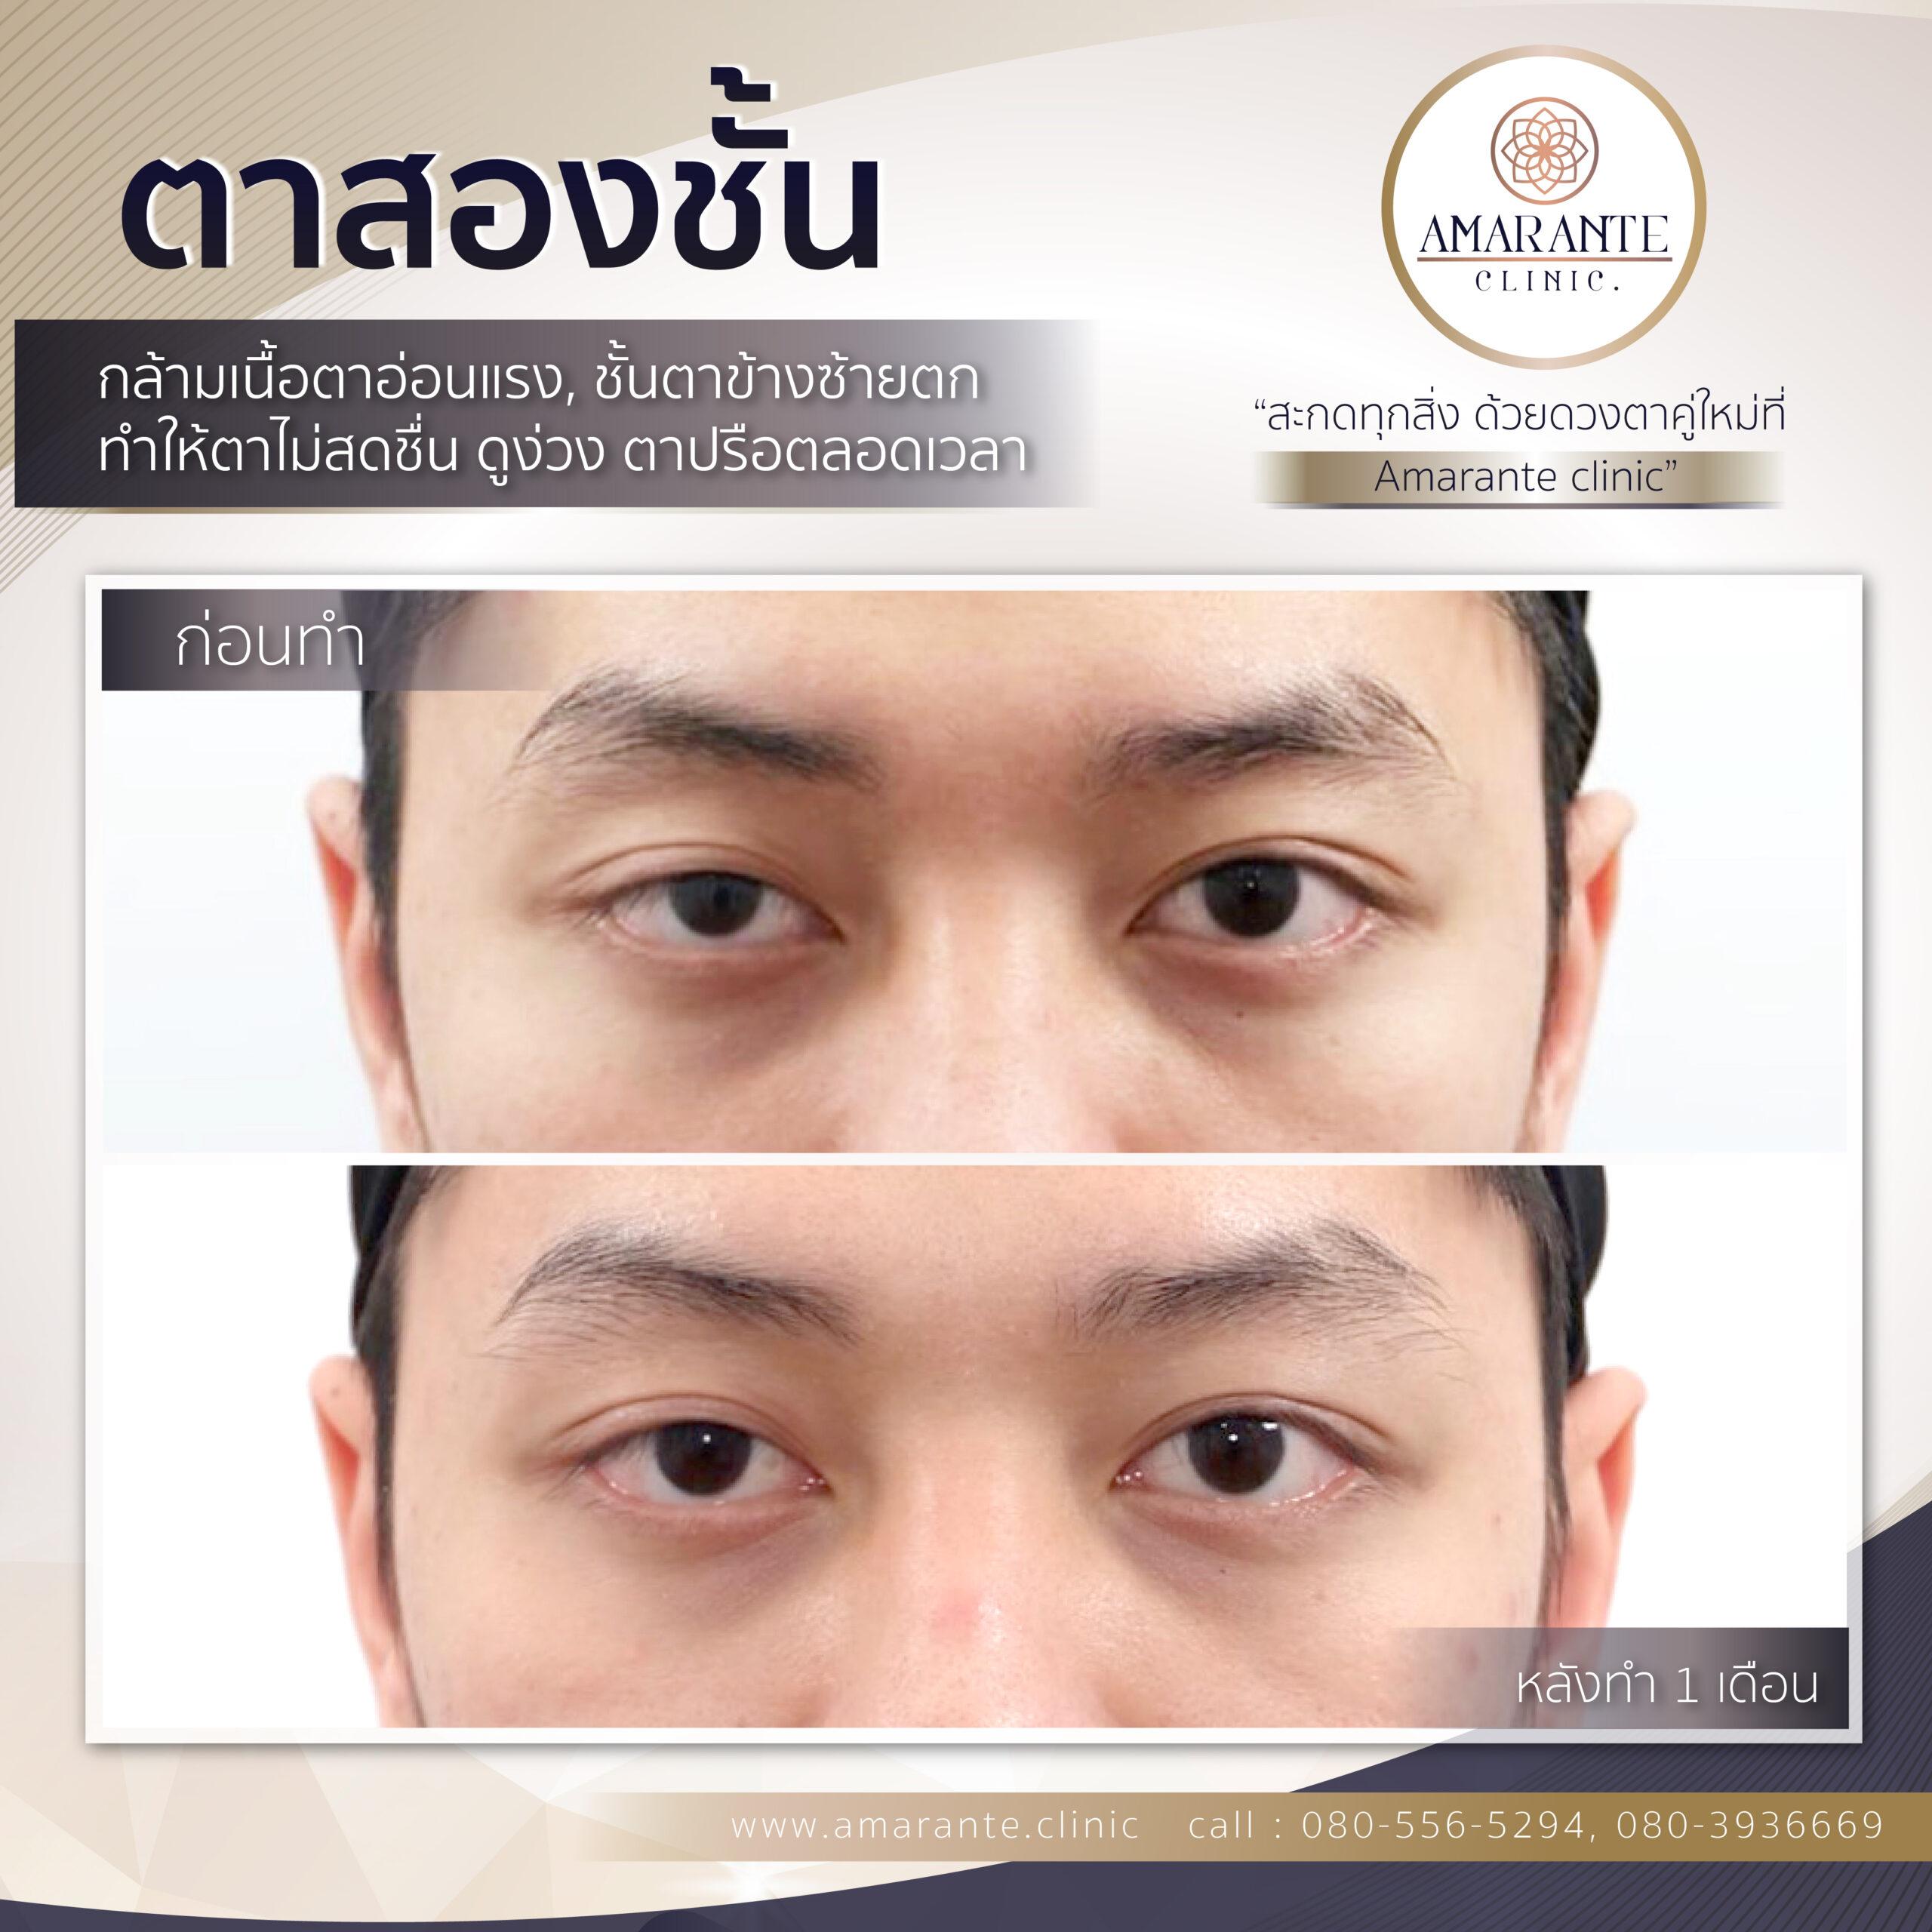 กล้ามเนื้อตาอ่อนแรง ตาสองชั้น หนังตาตก ชั้นตาไม่ชัด